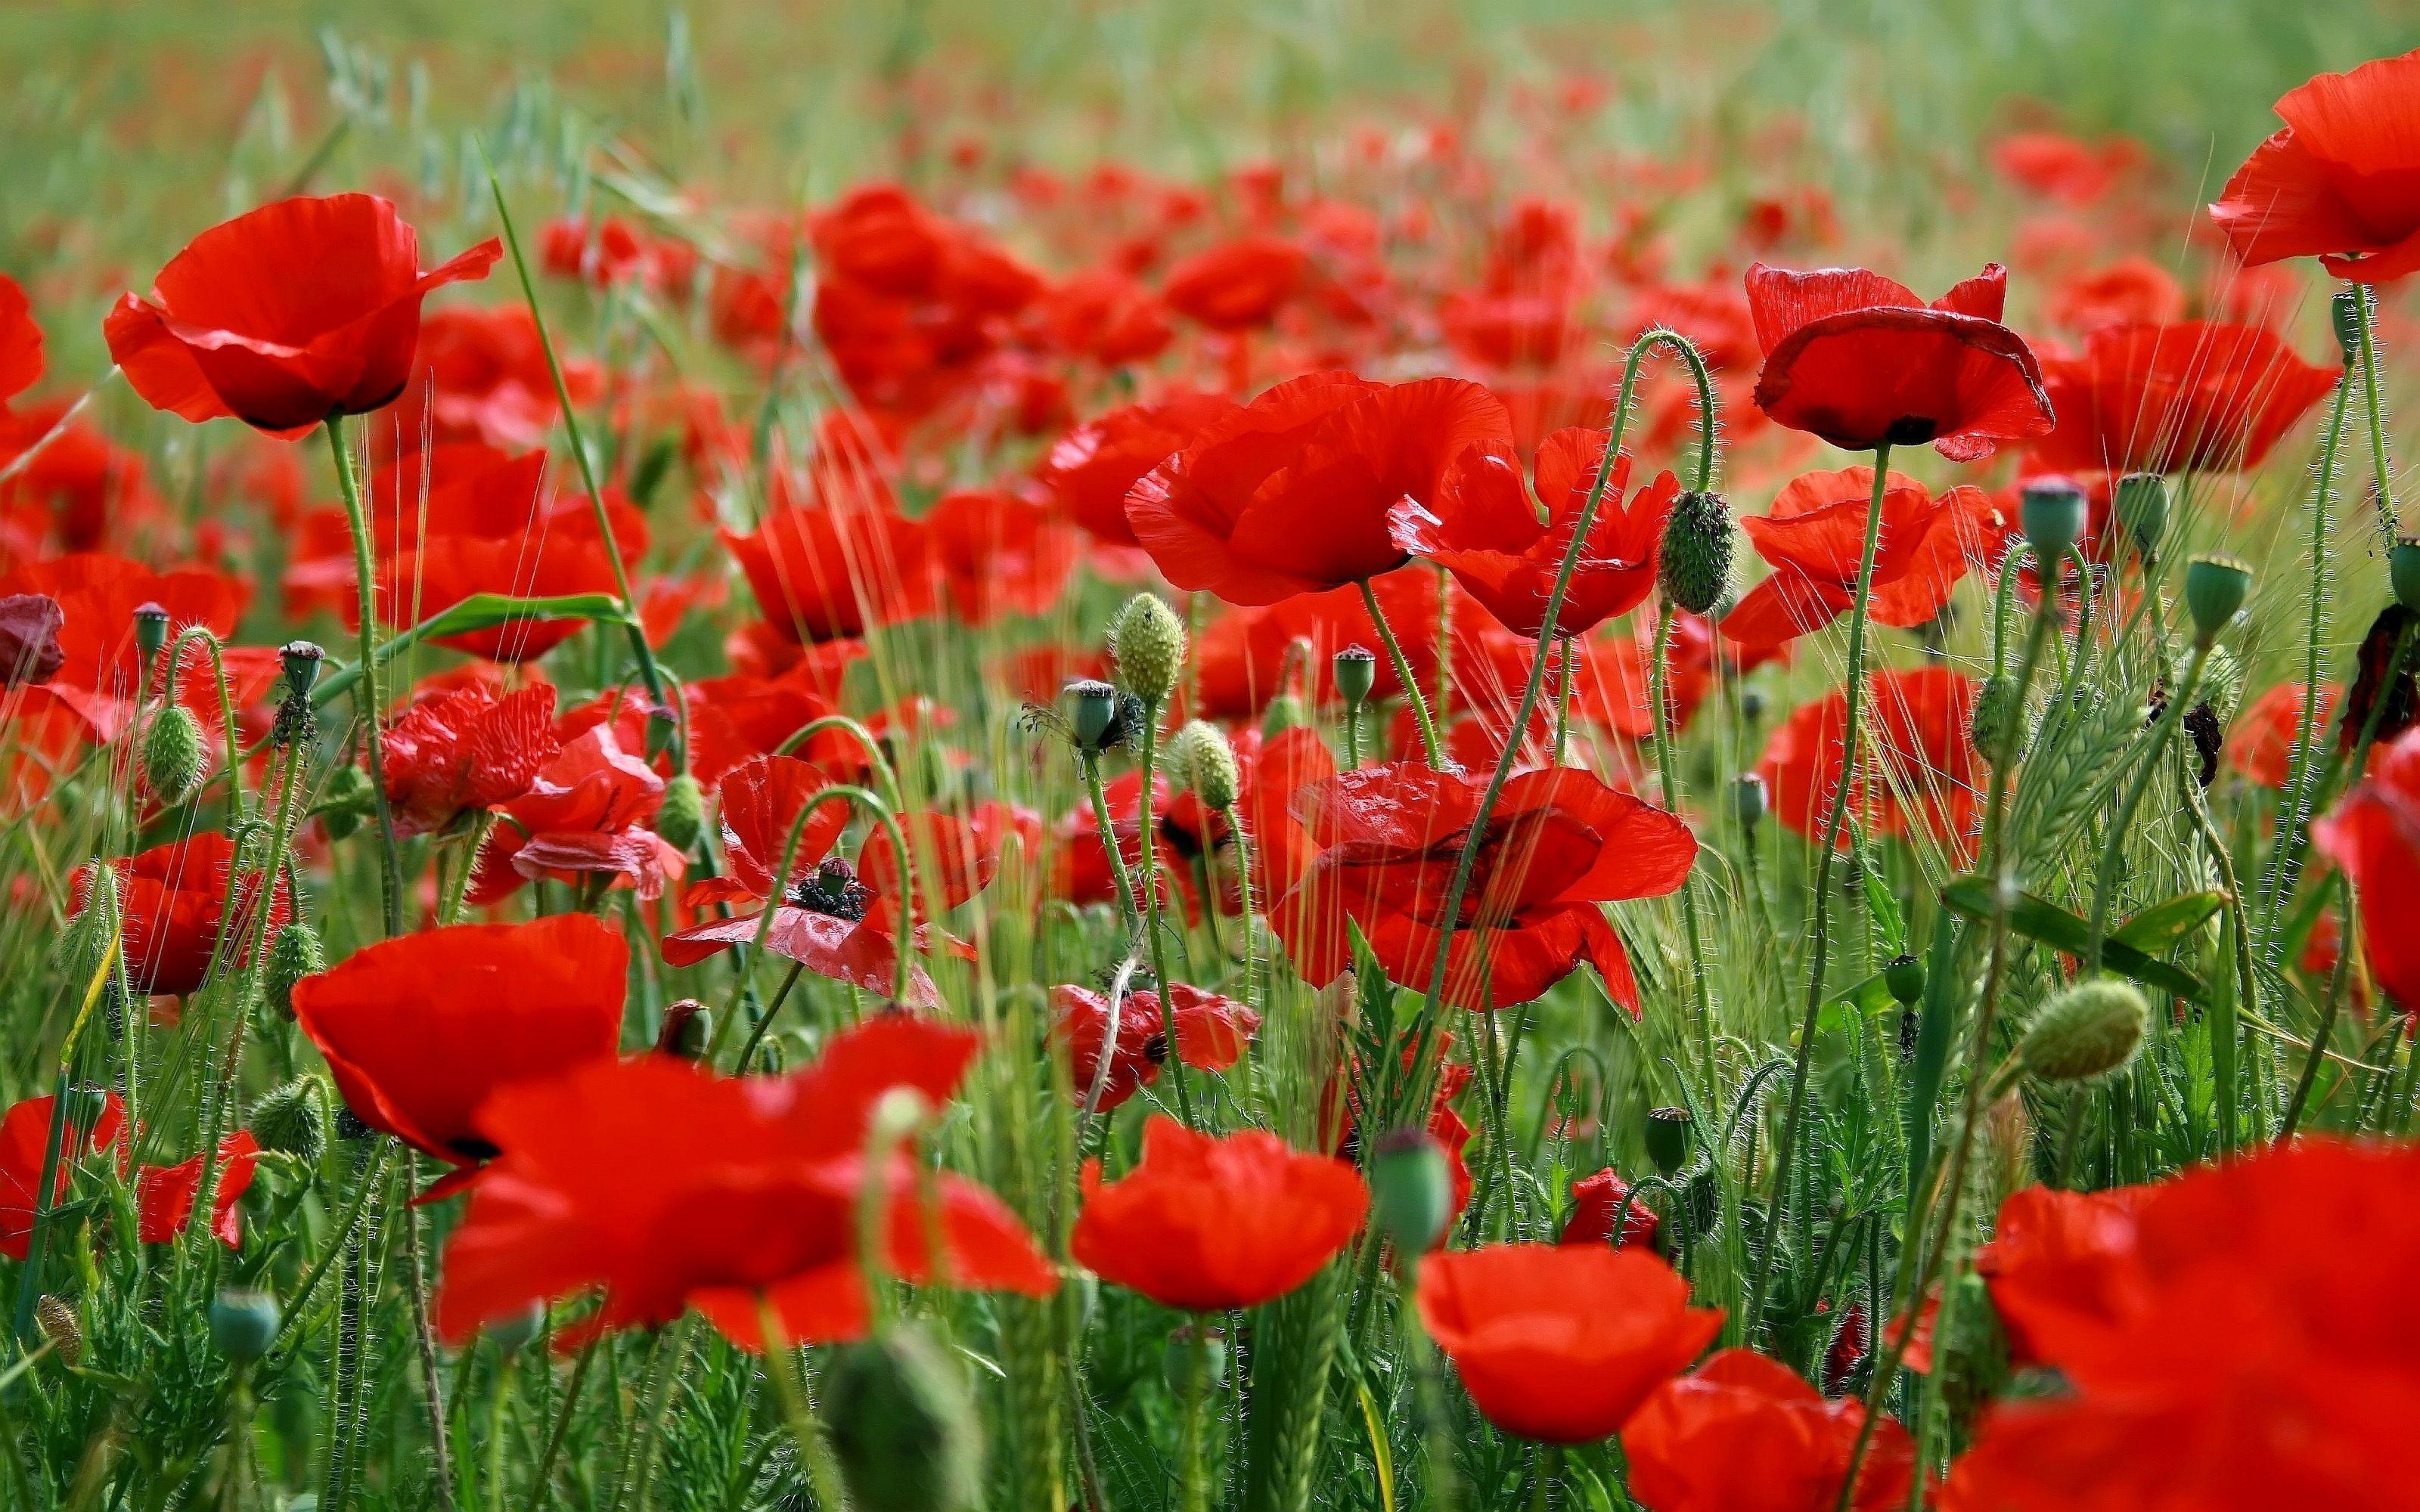 Red Poppy Flower Field Lifeisbeautiful Pinterest Fields Hd